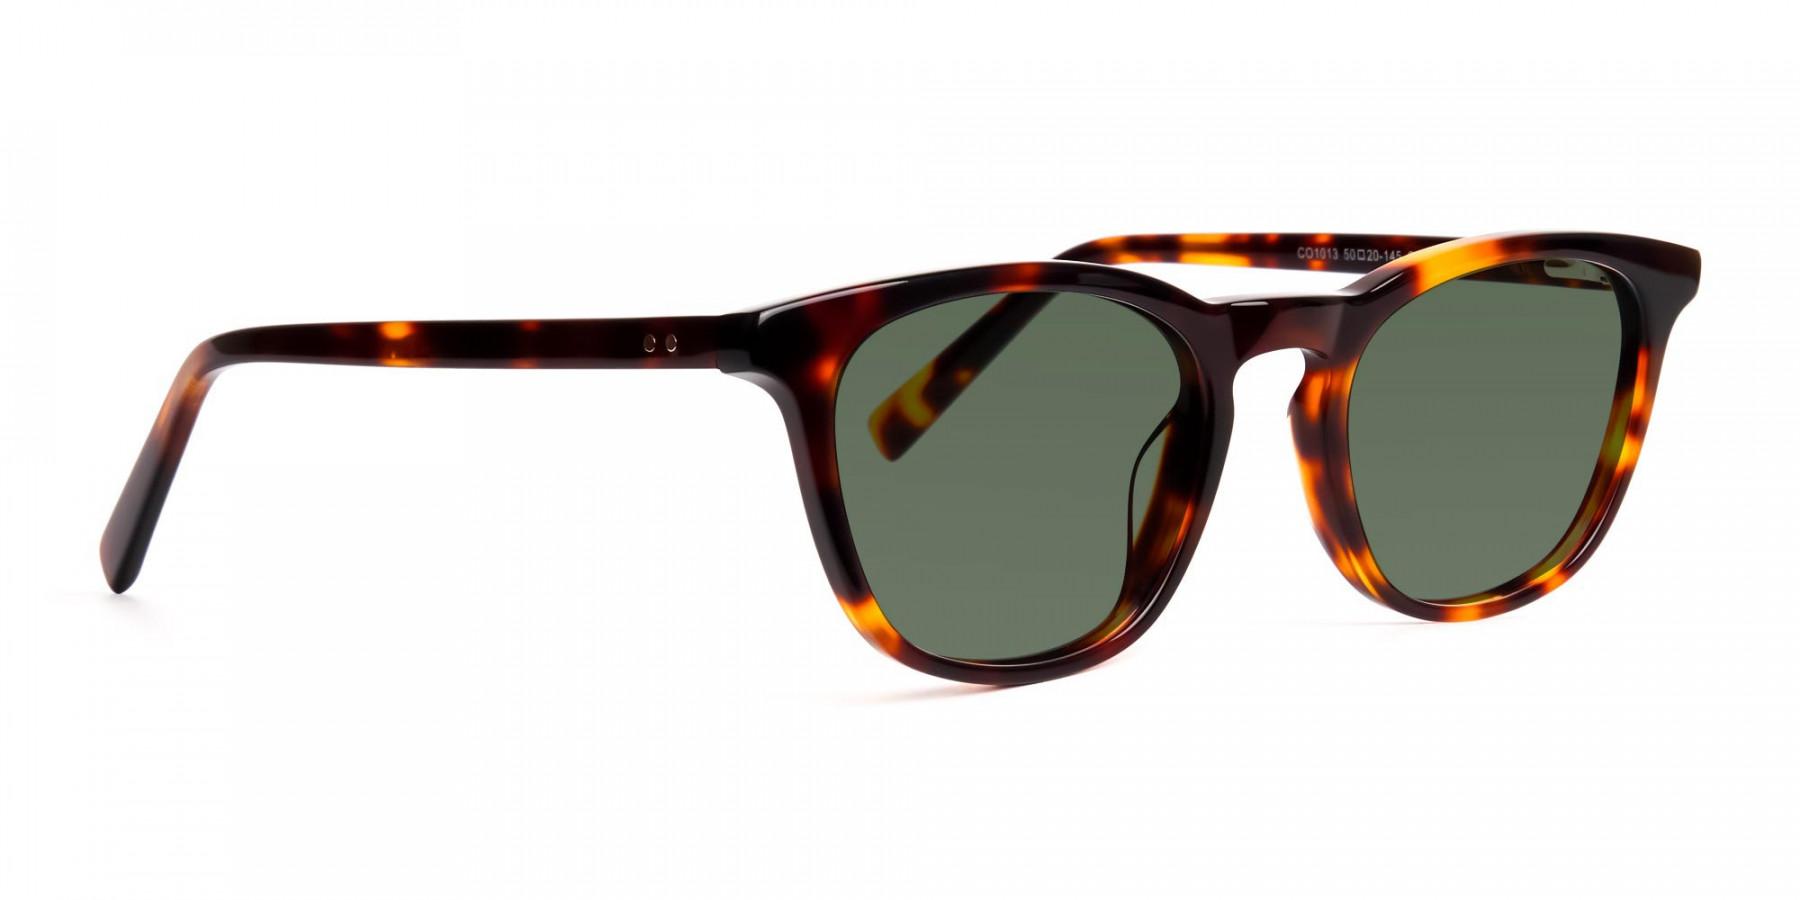 tortoiseshell-wayfarer-full-rim-dark-green-tinted-sunglasses-frames-3